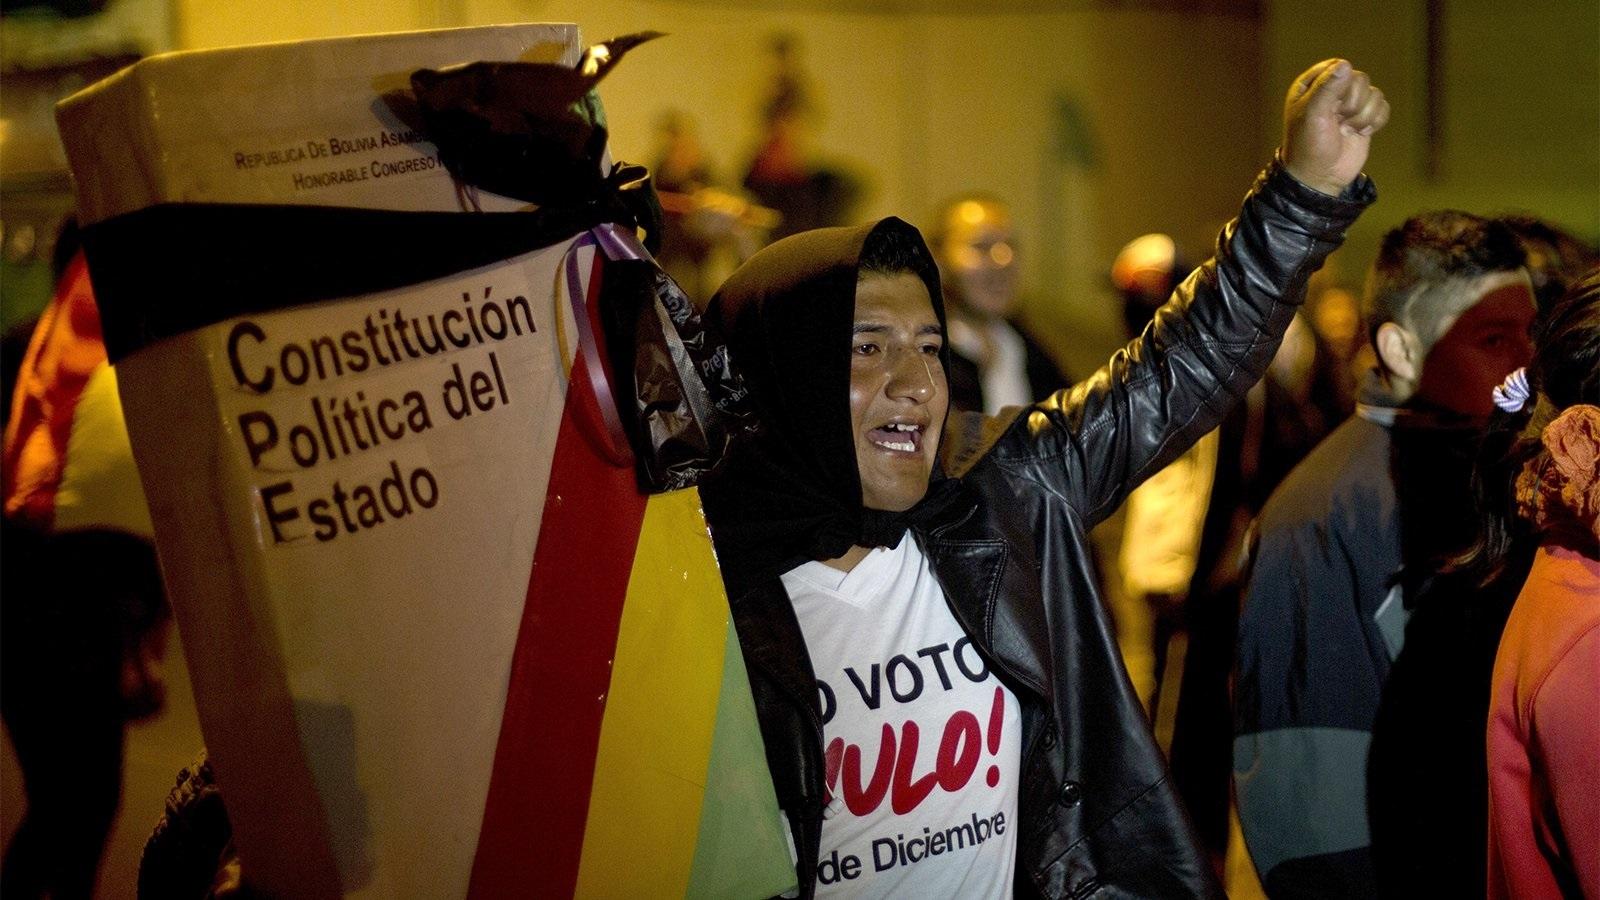 Evangélicos bolivianos se inspiram em brasileiros para eleger presidente conservador